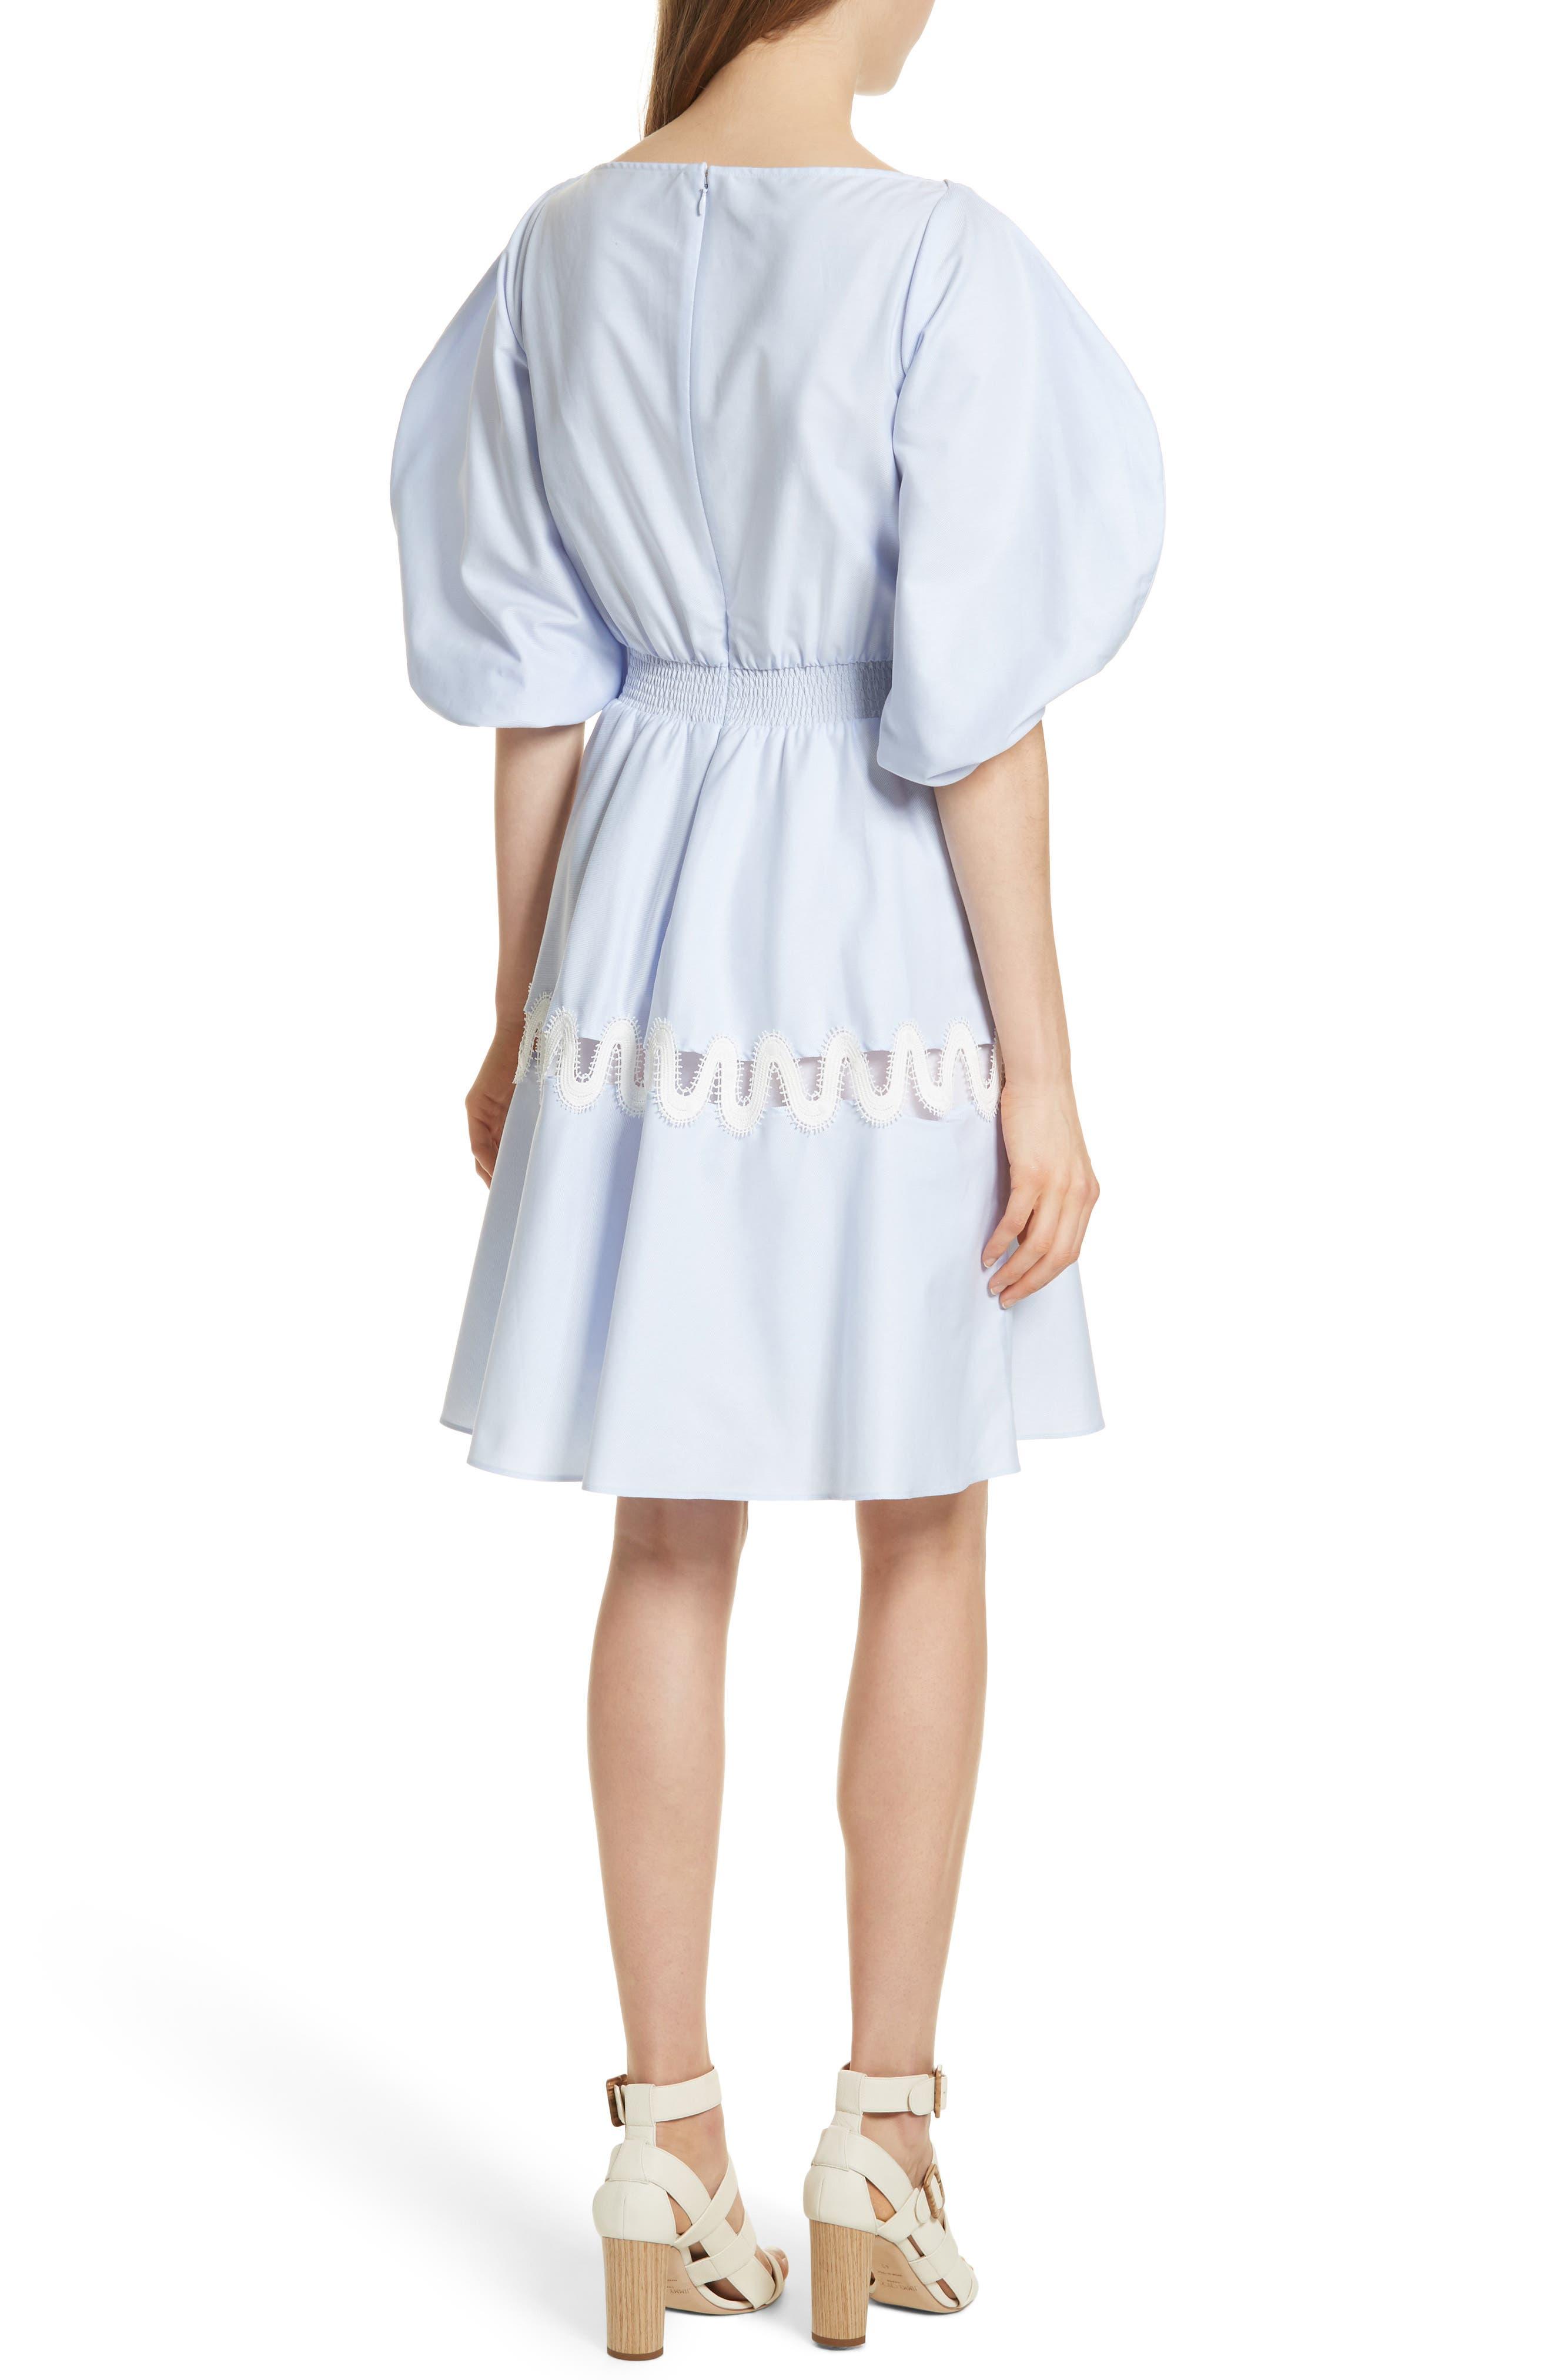 Prose & Poetry Charleene Cotton Balloon Sleeve Dress,                             Alternate thumbnail 2, color,                             420